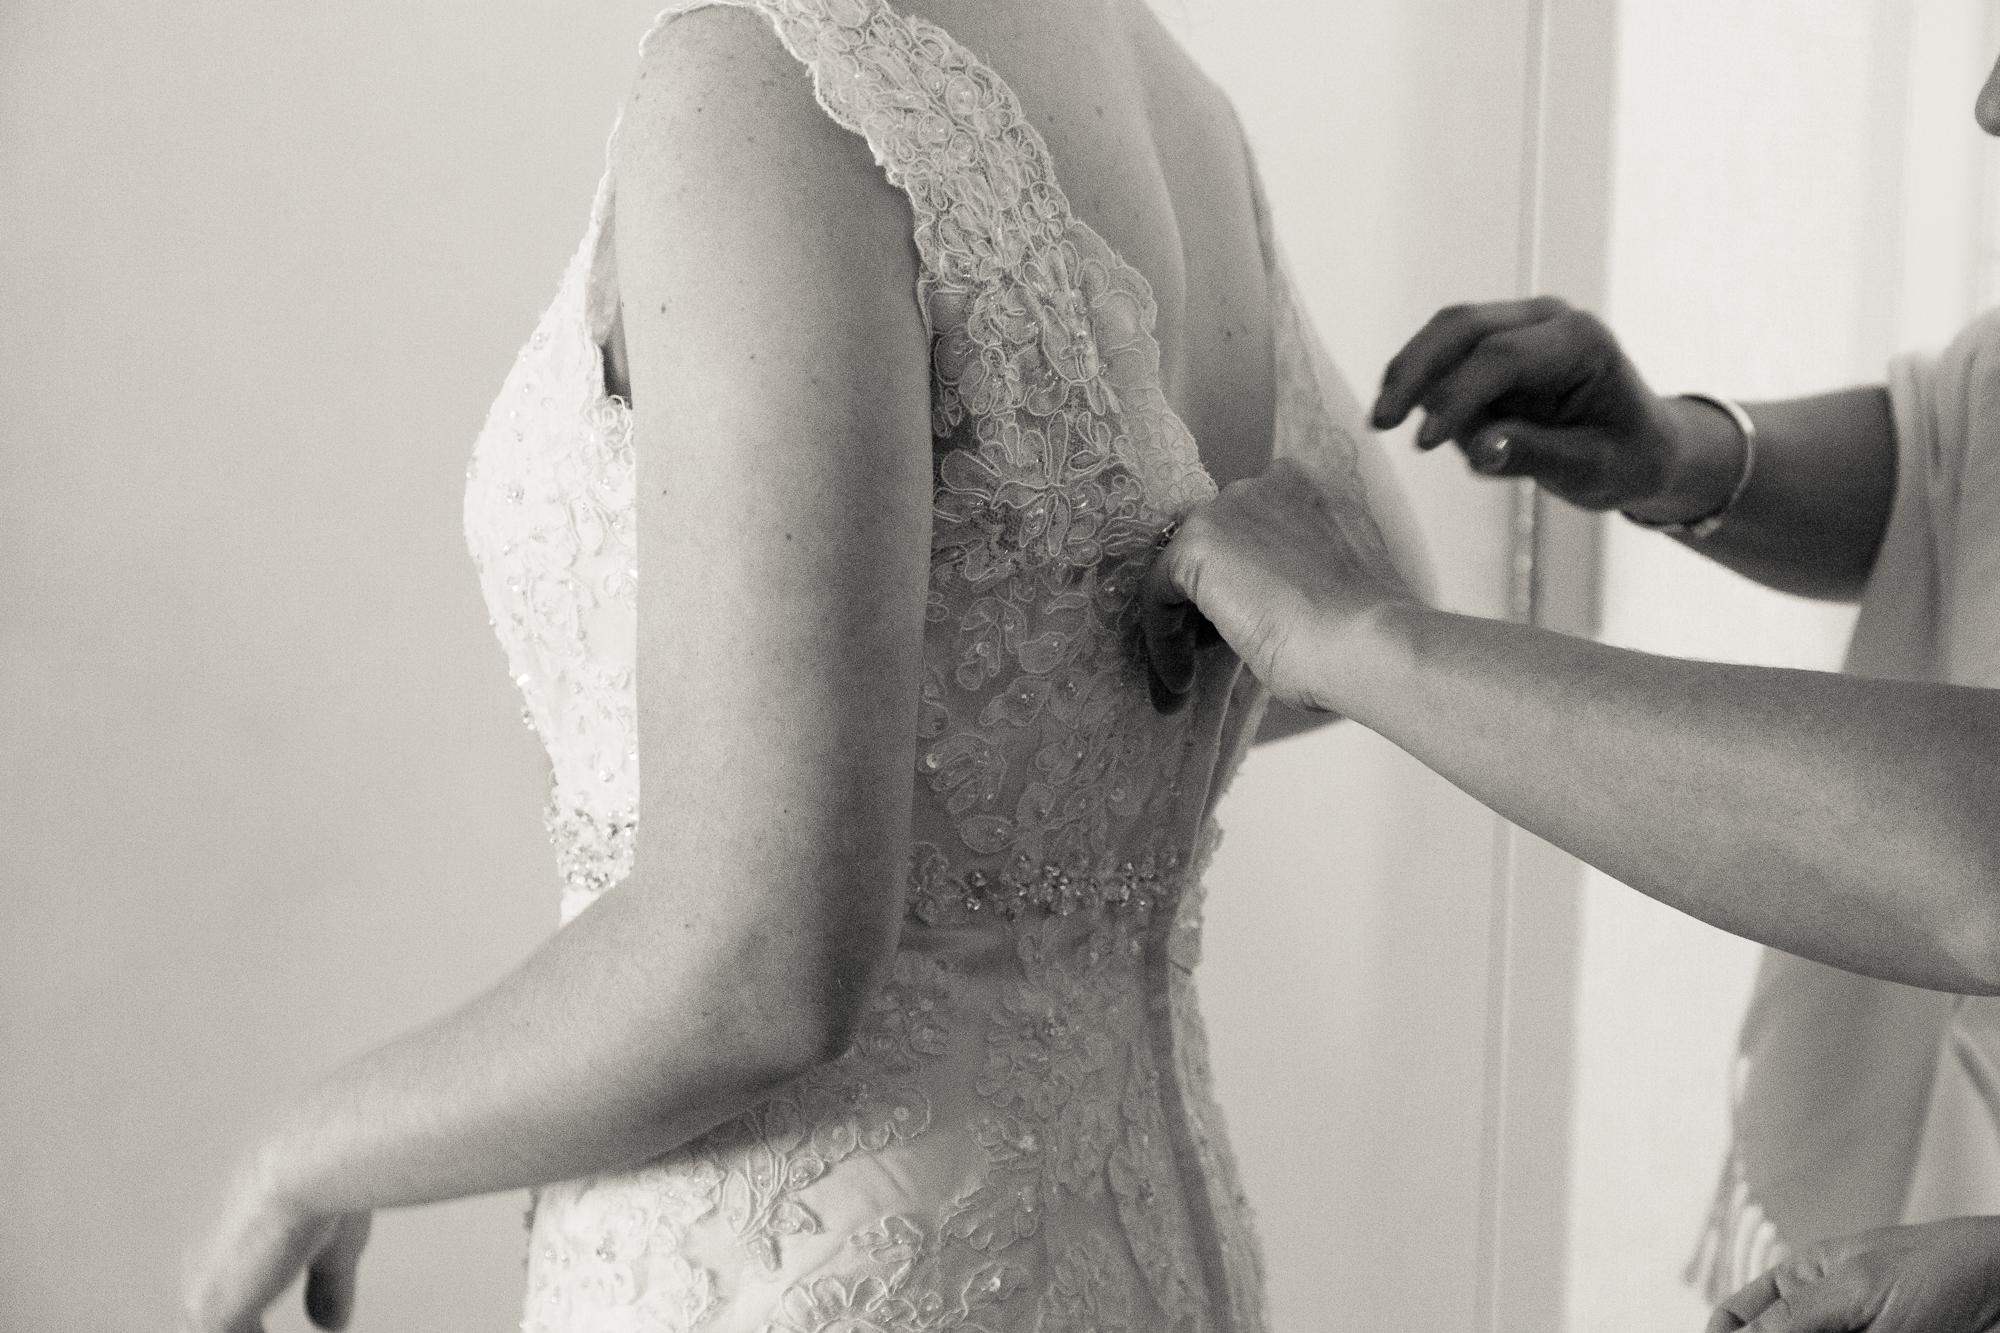 scranton-wedding-photography-zak-zavada-poconos--kellyGeoff-007.jpg